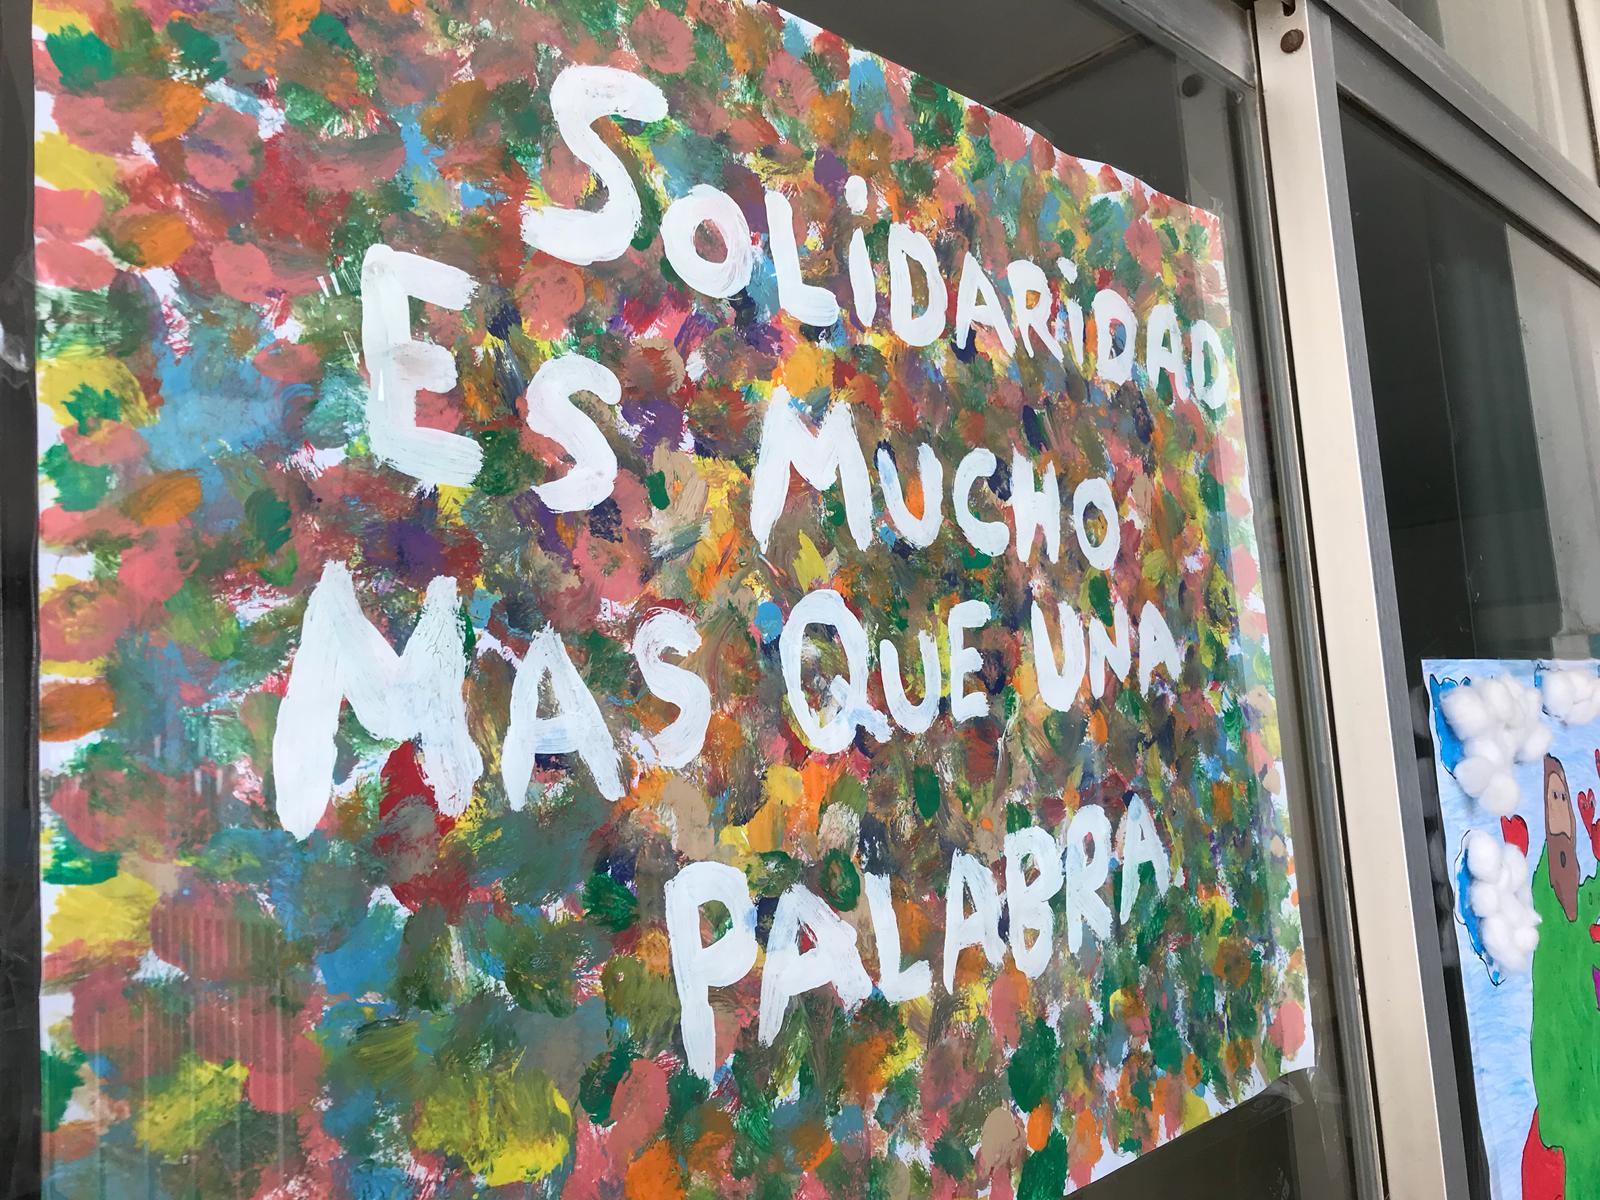 ESPECIAL. 5è B EP. Solidaritat és molt més que una paraula. SOLIDARTITAT